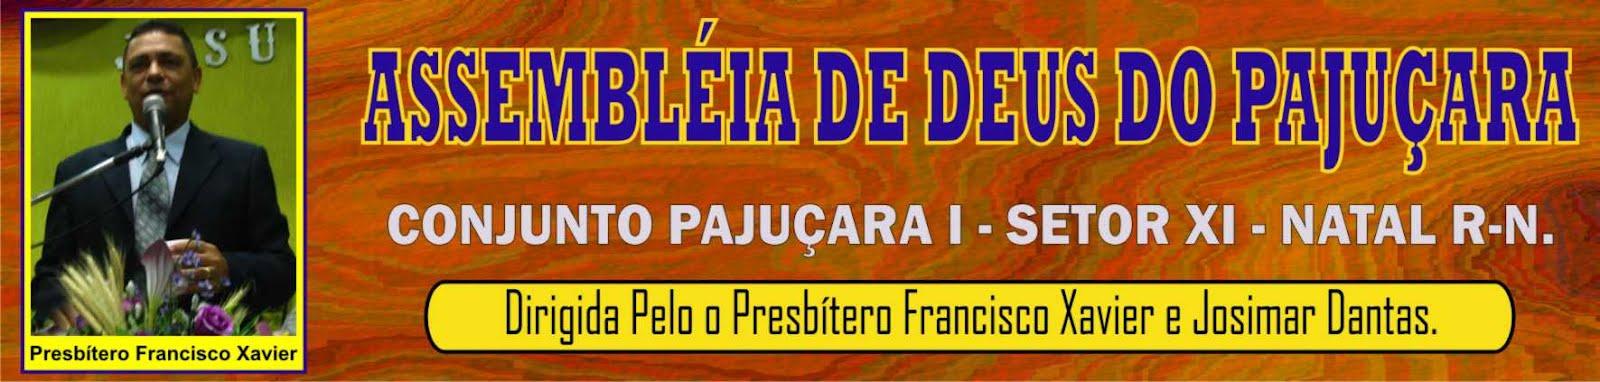 ASSEMBLÉIA DE DEUS DE PAJUÇARA I